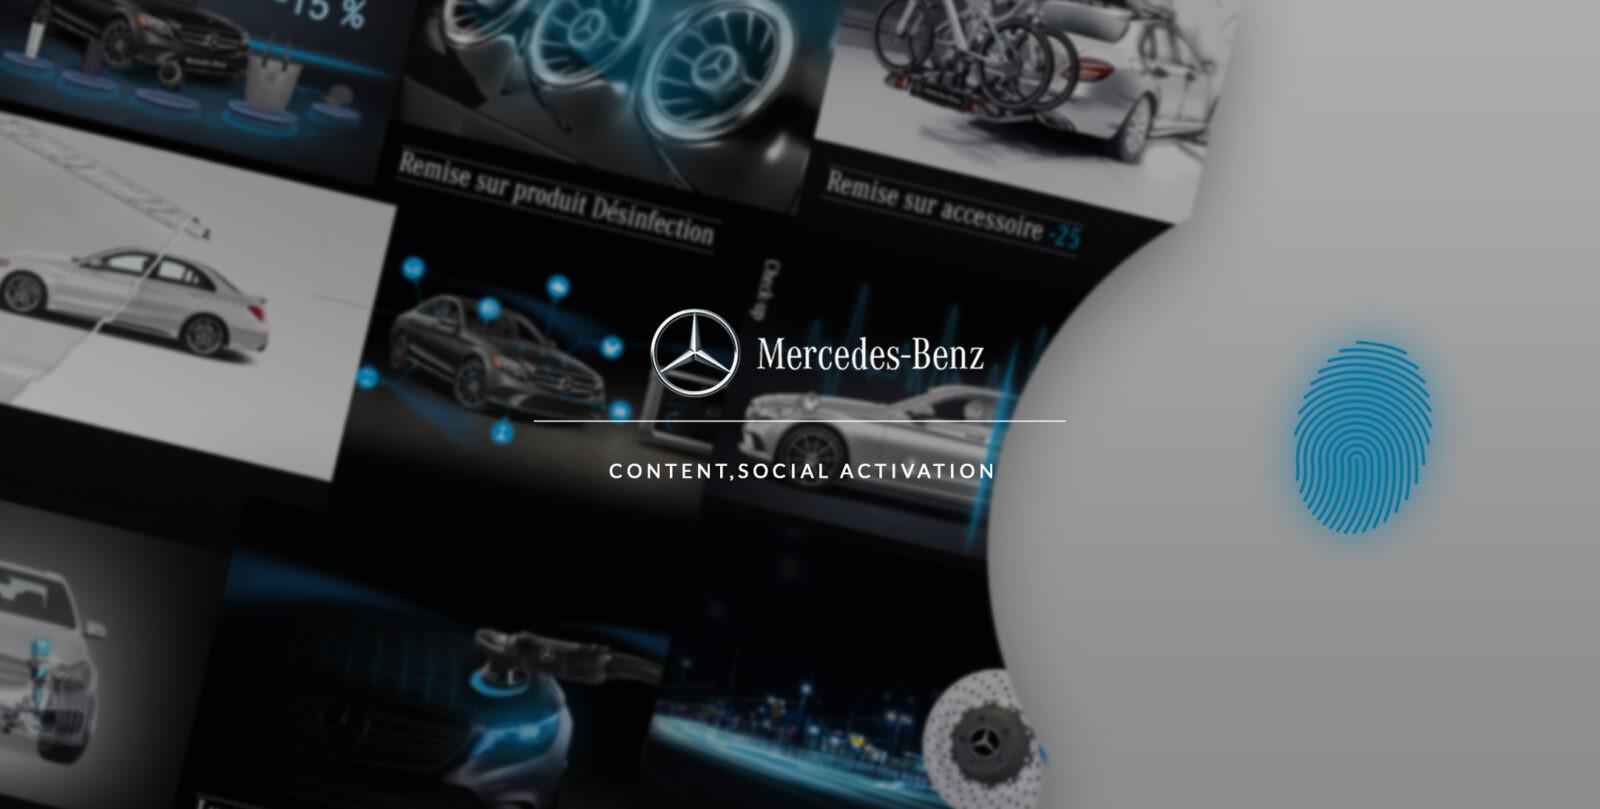 Mise en place de stratégies d'activation et de génération de leads pour Mercedes par l'agence web Mojjoo Paris.